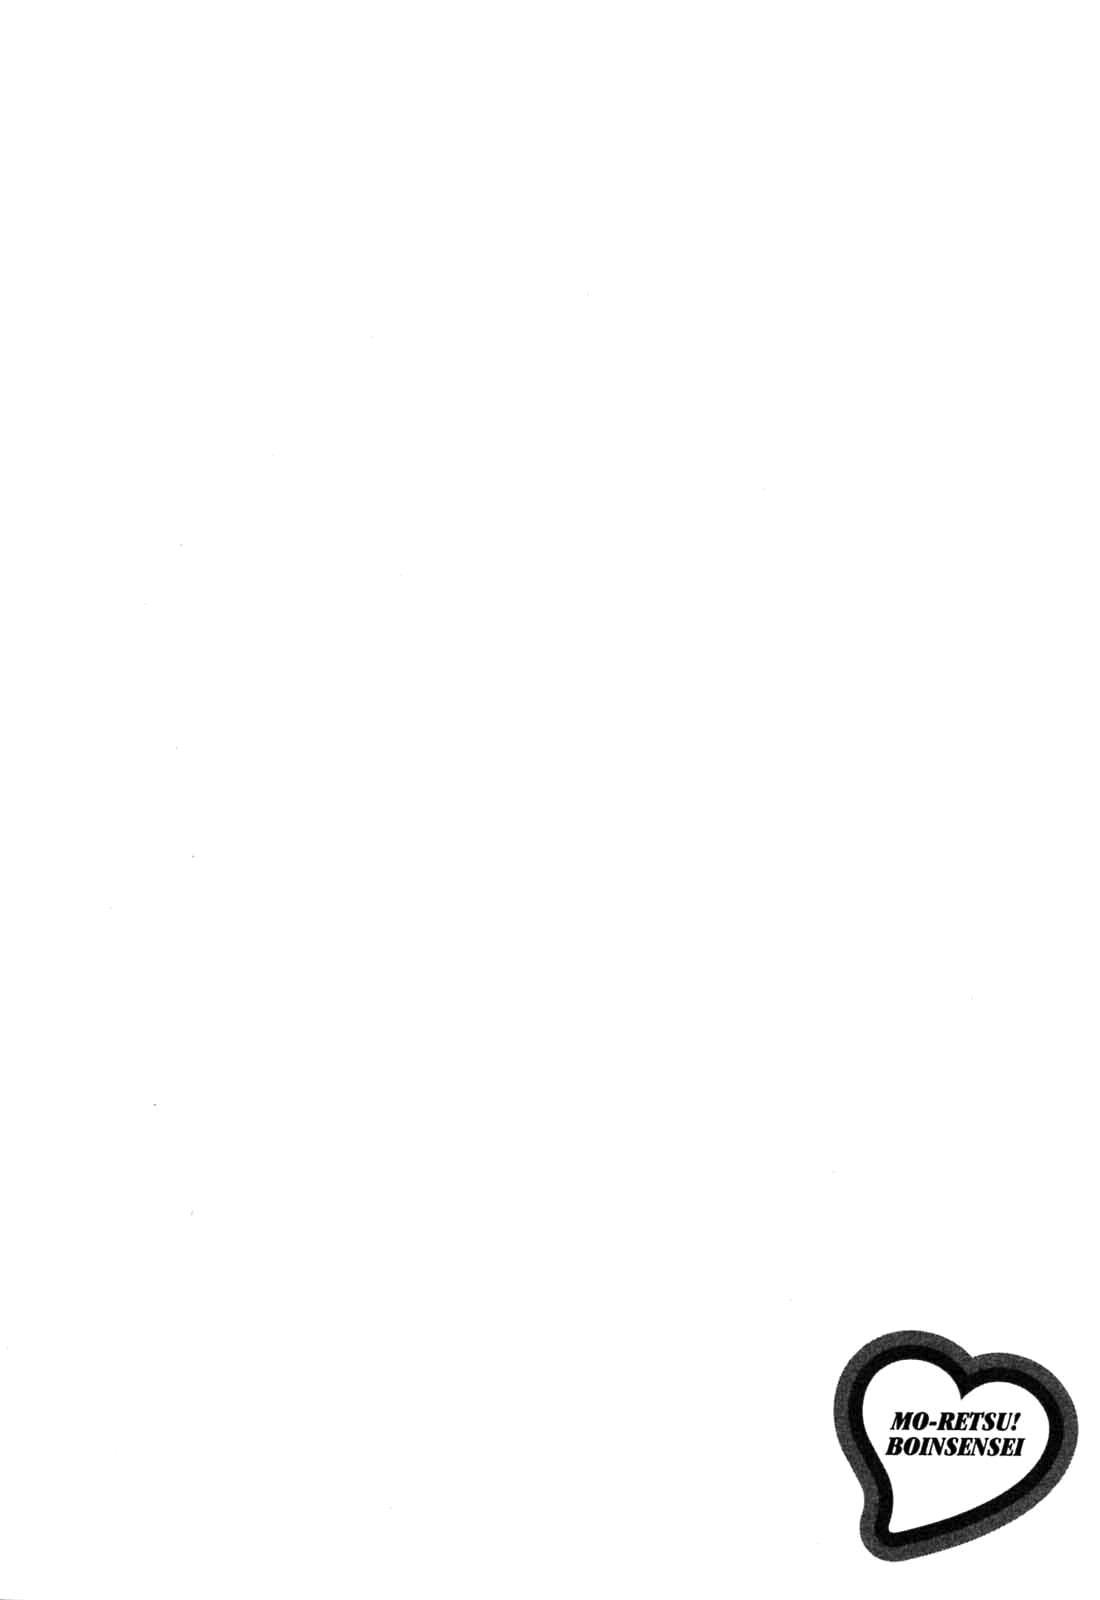 [Hidemaru] Mo-Retsu! Boin Sensei (Boing Boing Teacher) Vol.5 [English] [4dawgz] [Tadanohito] 51